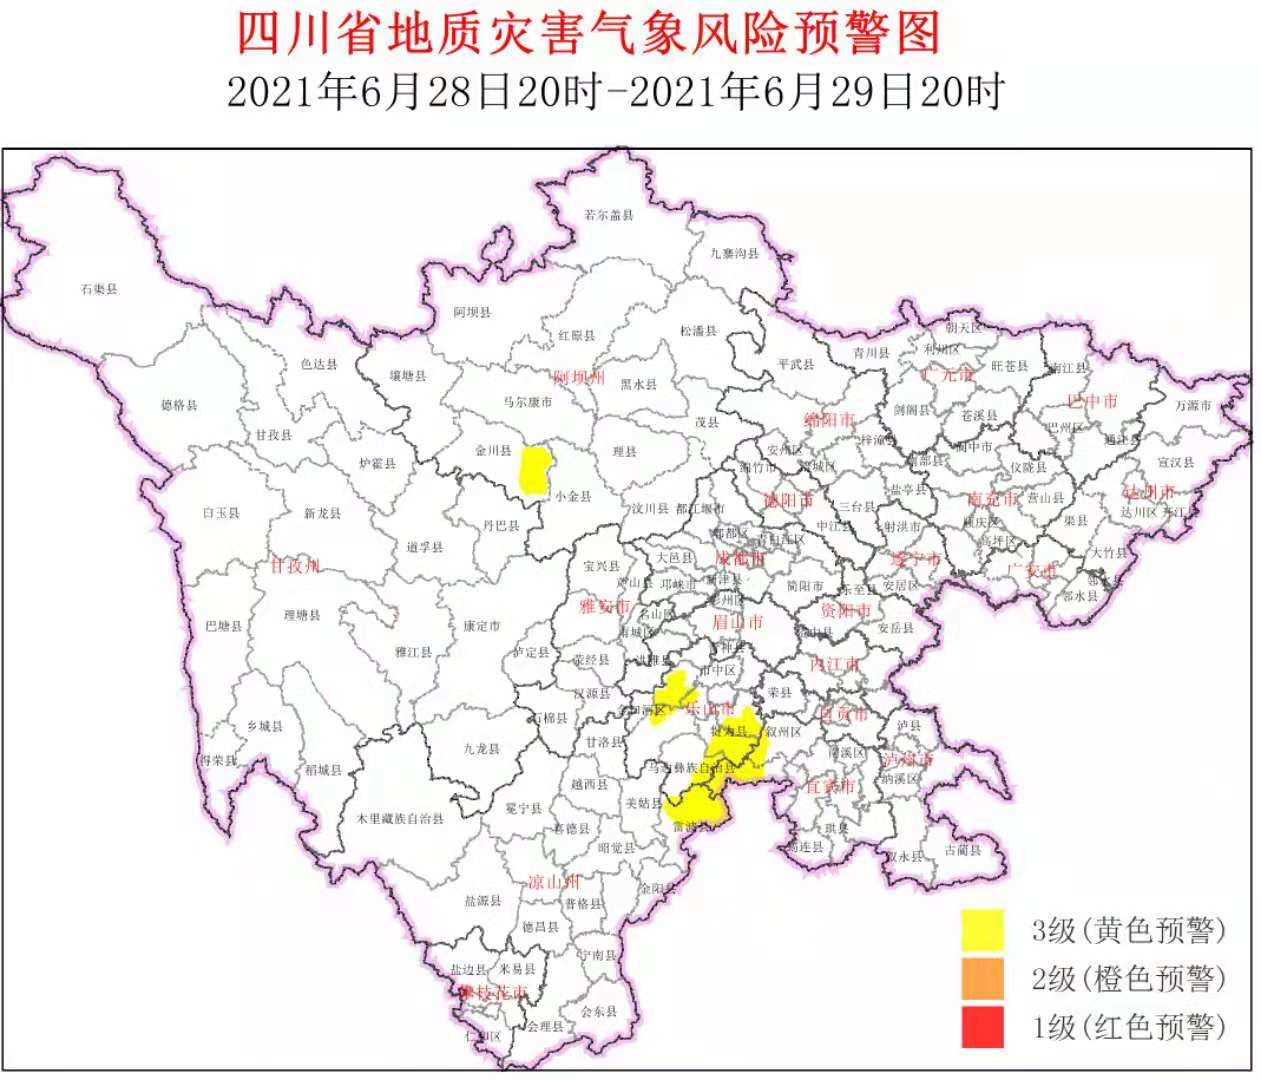 四川发布地质灾害3级黄色预警 涉及11个县市区